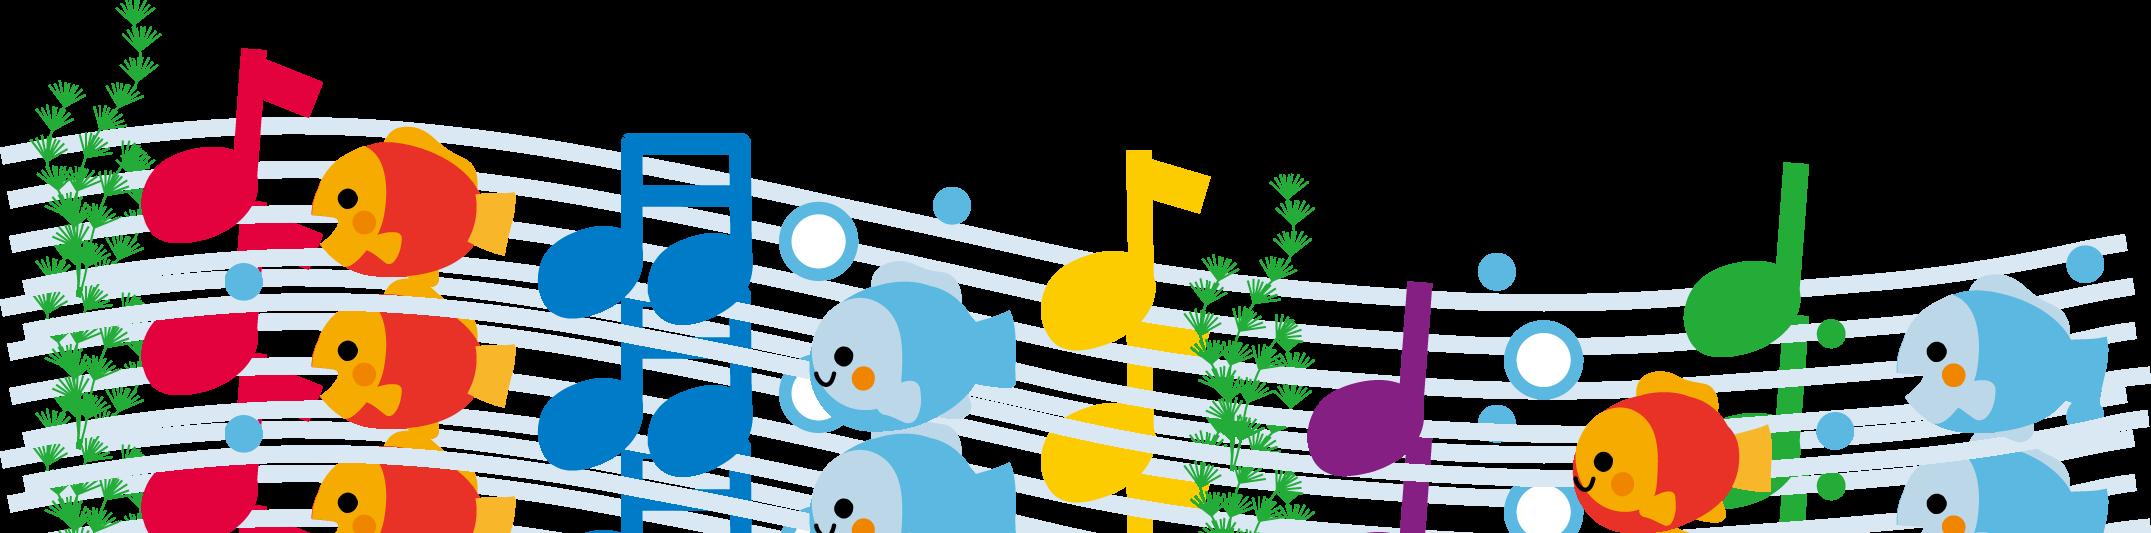 音符のイラスト/無料イラスト ... : 音符カード無料ダウンロード : カード